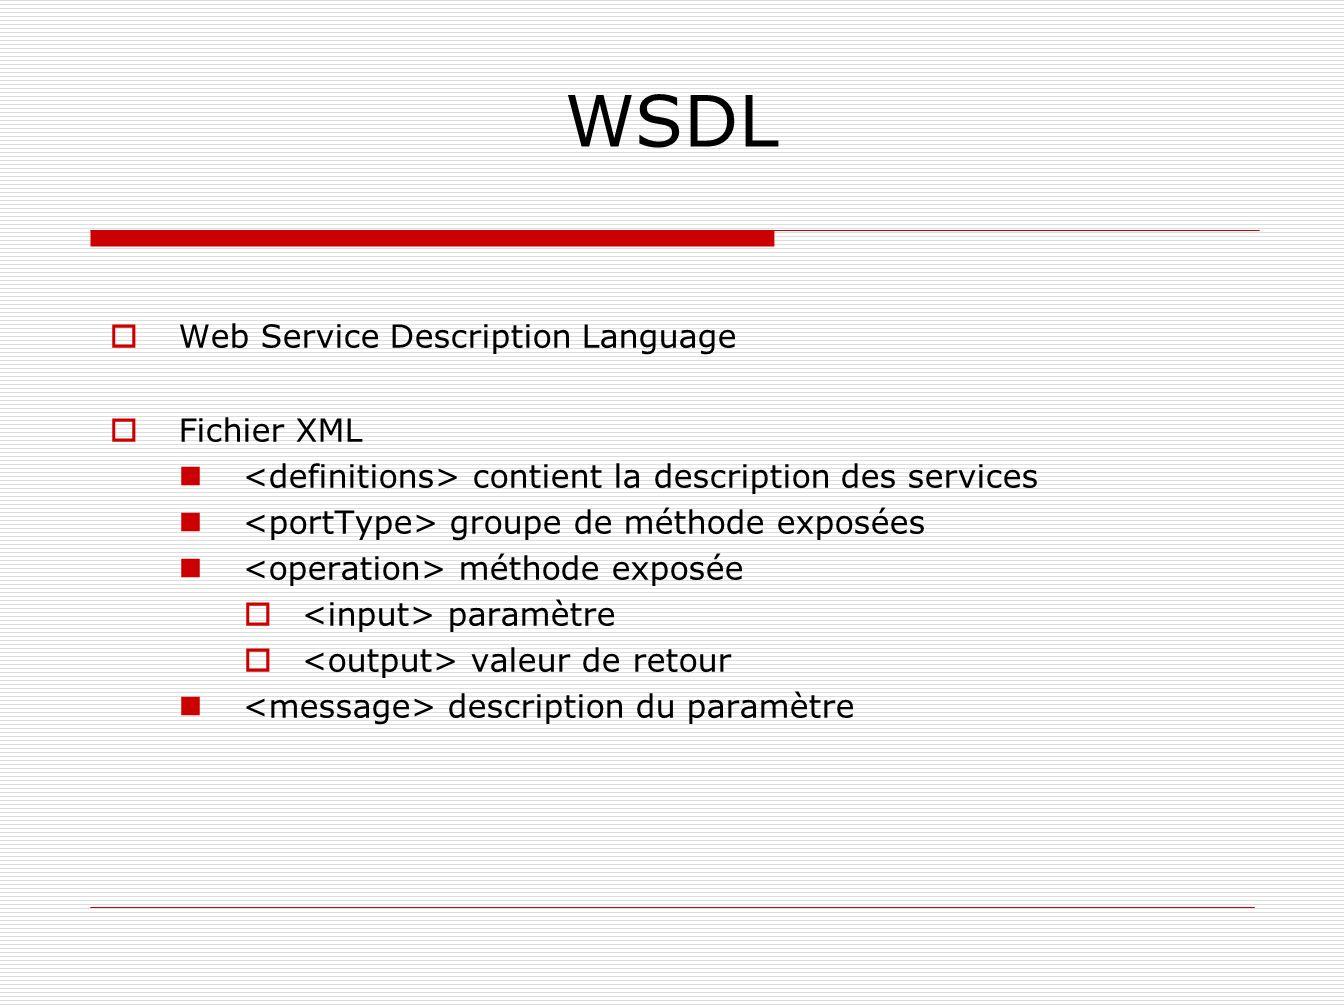 WSDL Web Service Description Language Fichier XML contient la description des services groupe de méthode exposées méthode exposée paramètre valeur de